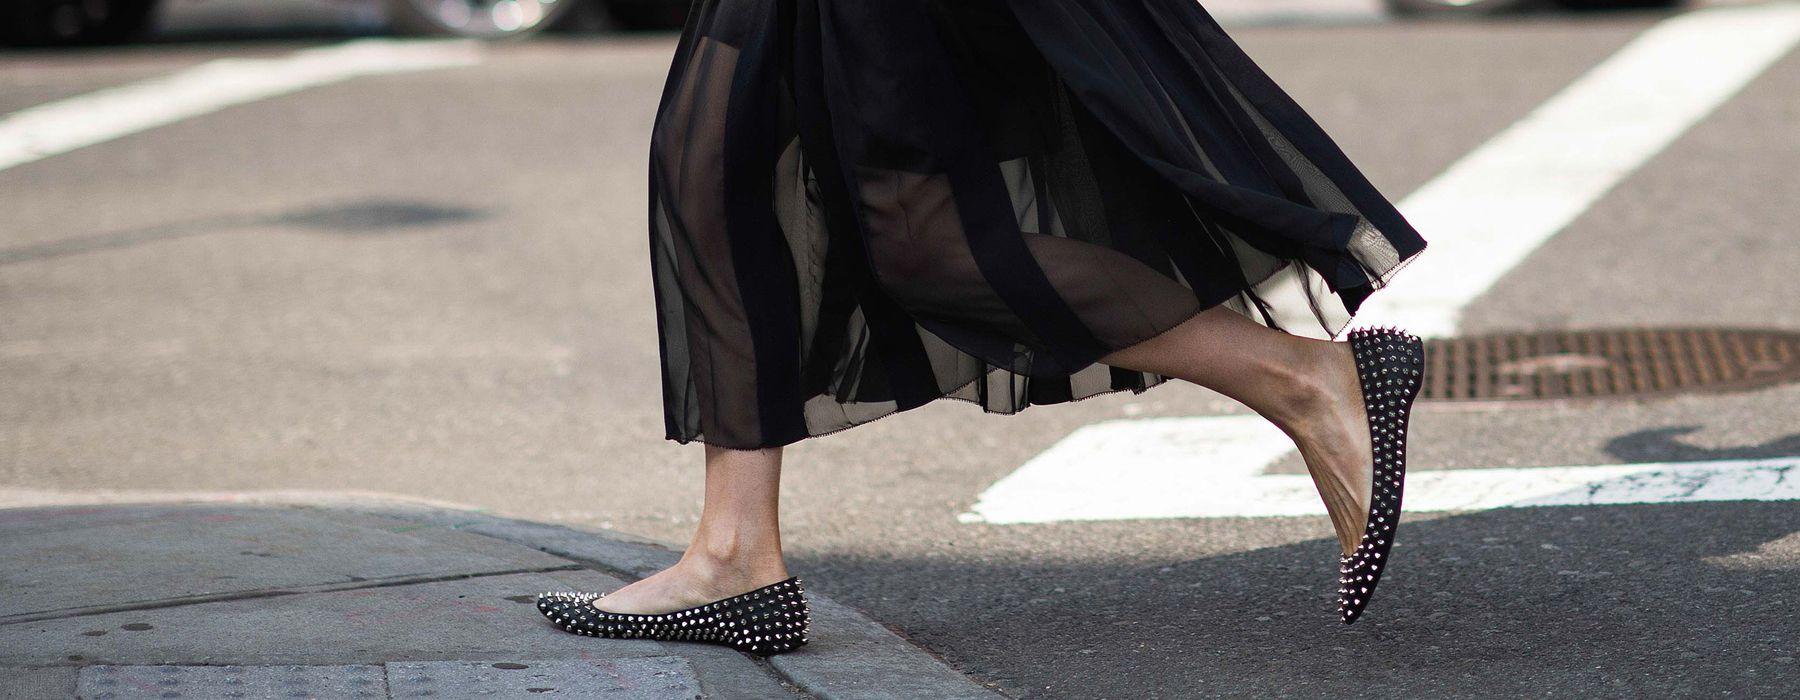 Ballerine: i modelli più carini da indossare a settembre